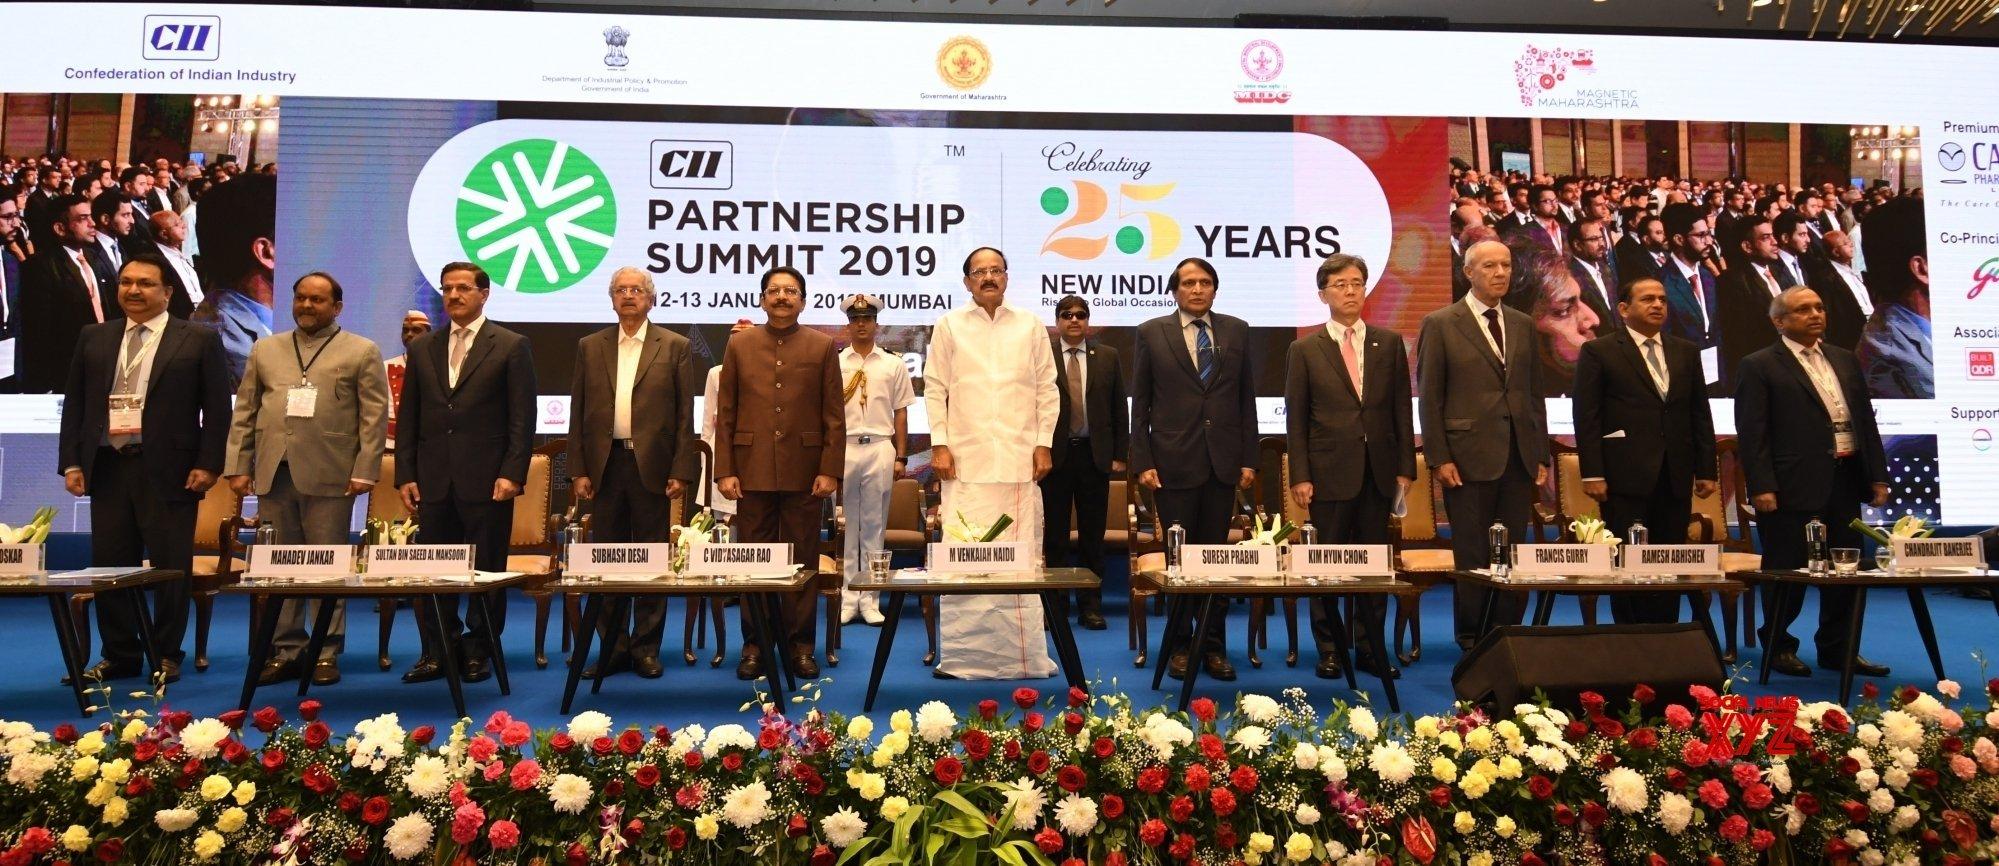 CII PARTNERSHIP SUMMIT